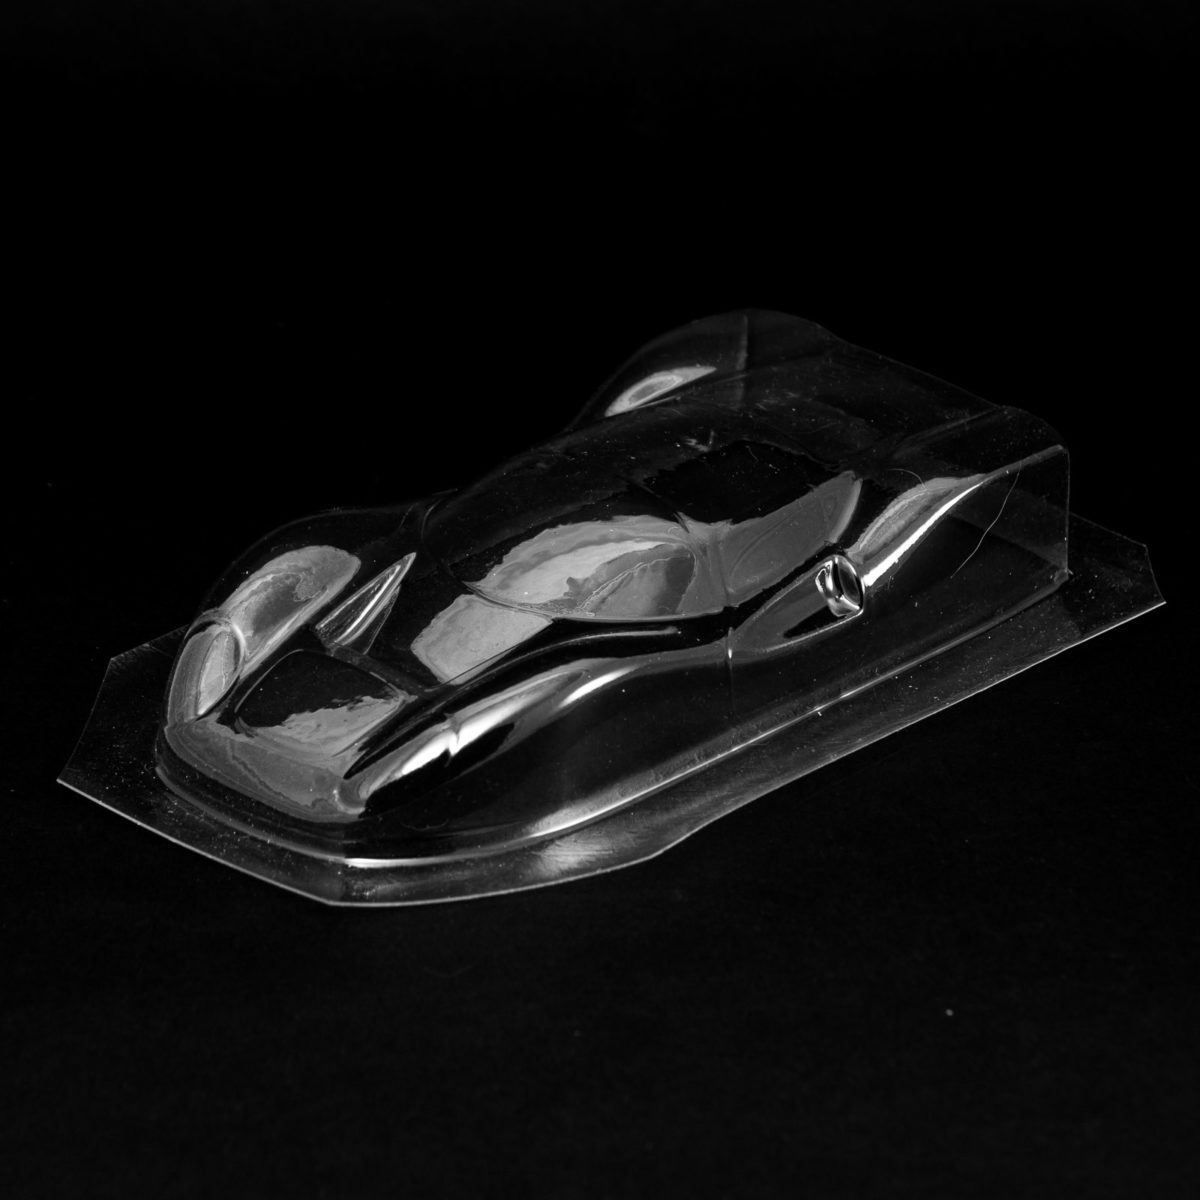 """Carrozzeria Slot Car Minidream Mini """"A"""" 1/24 Trasparente"""